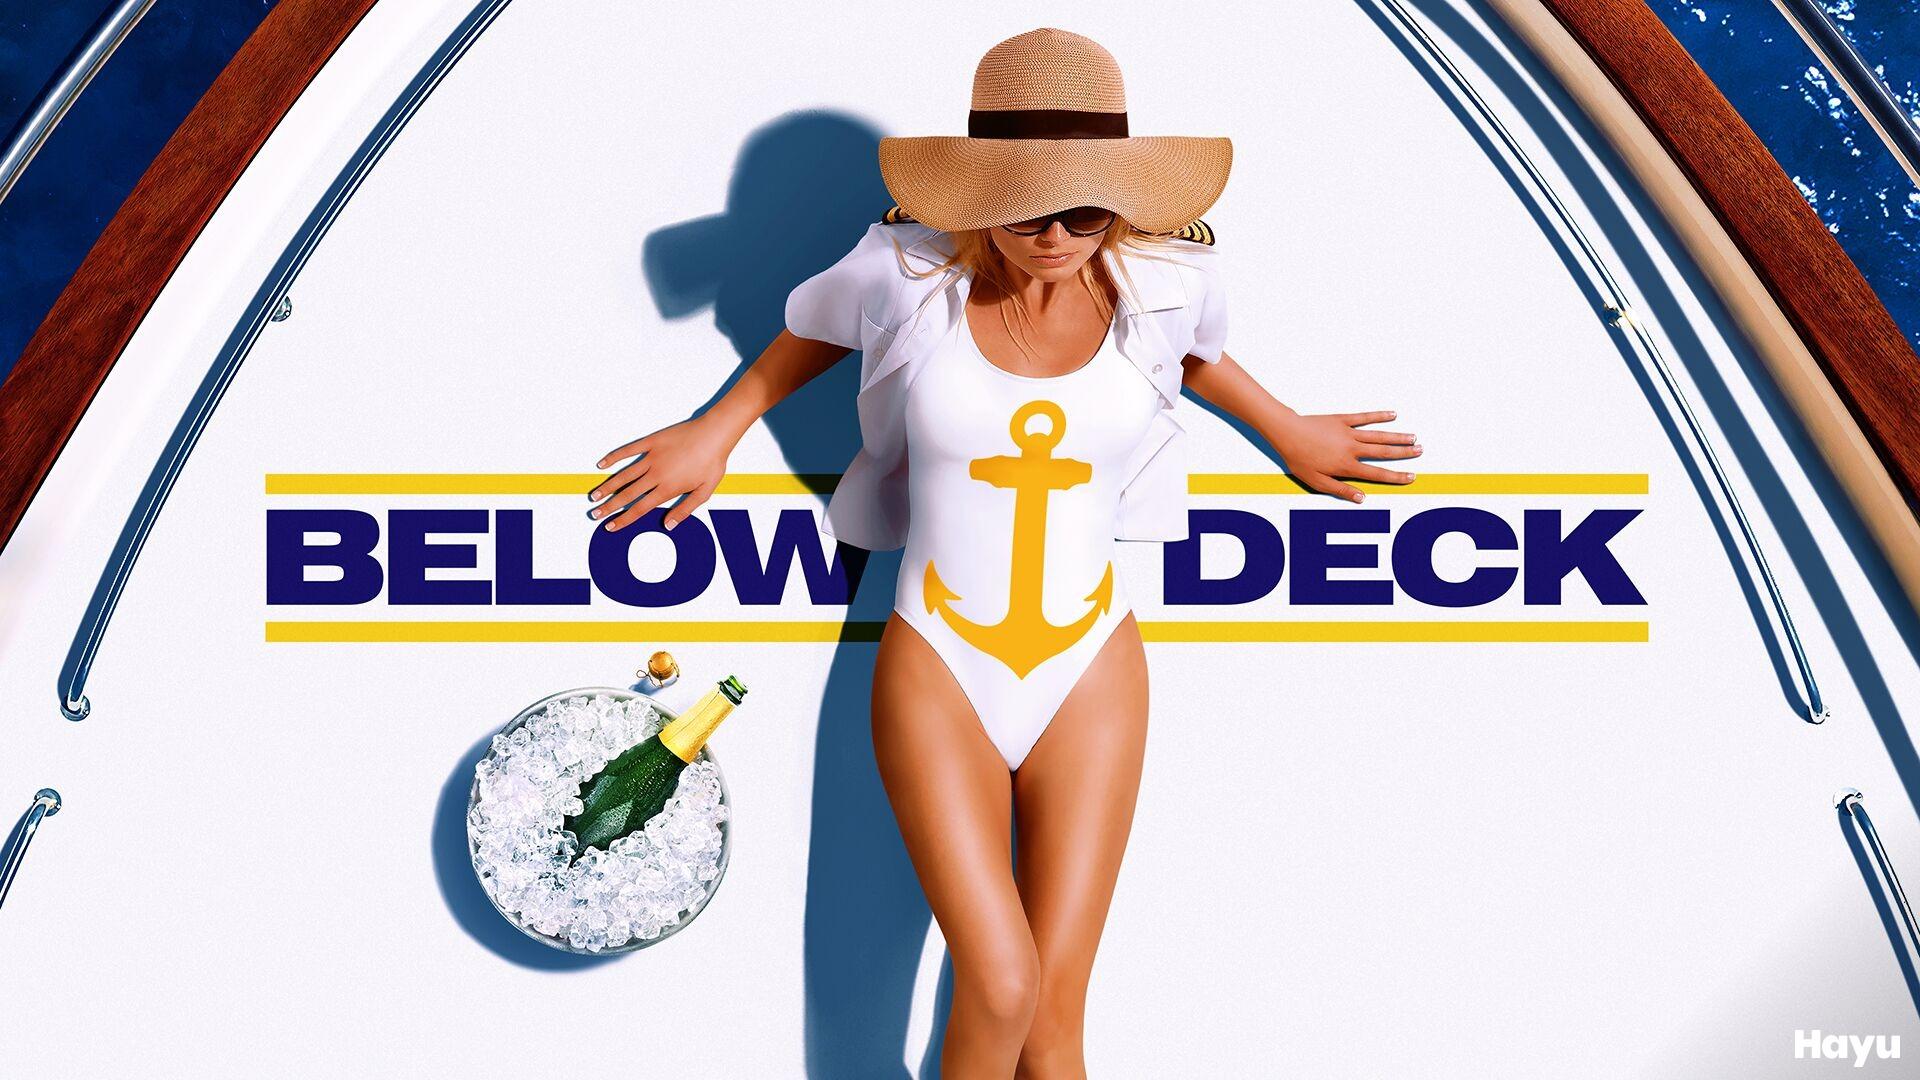 Below Deck | TV 2 Sumo